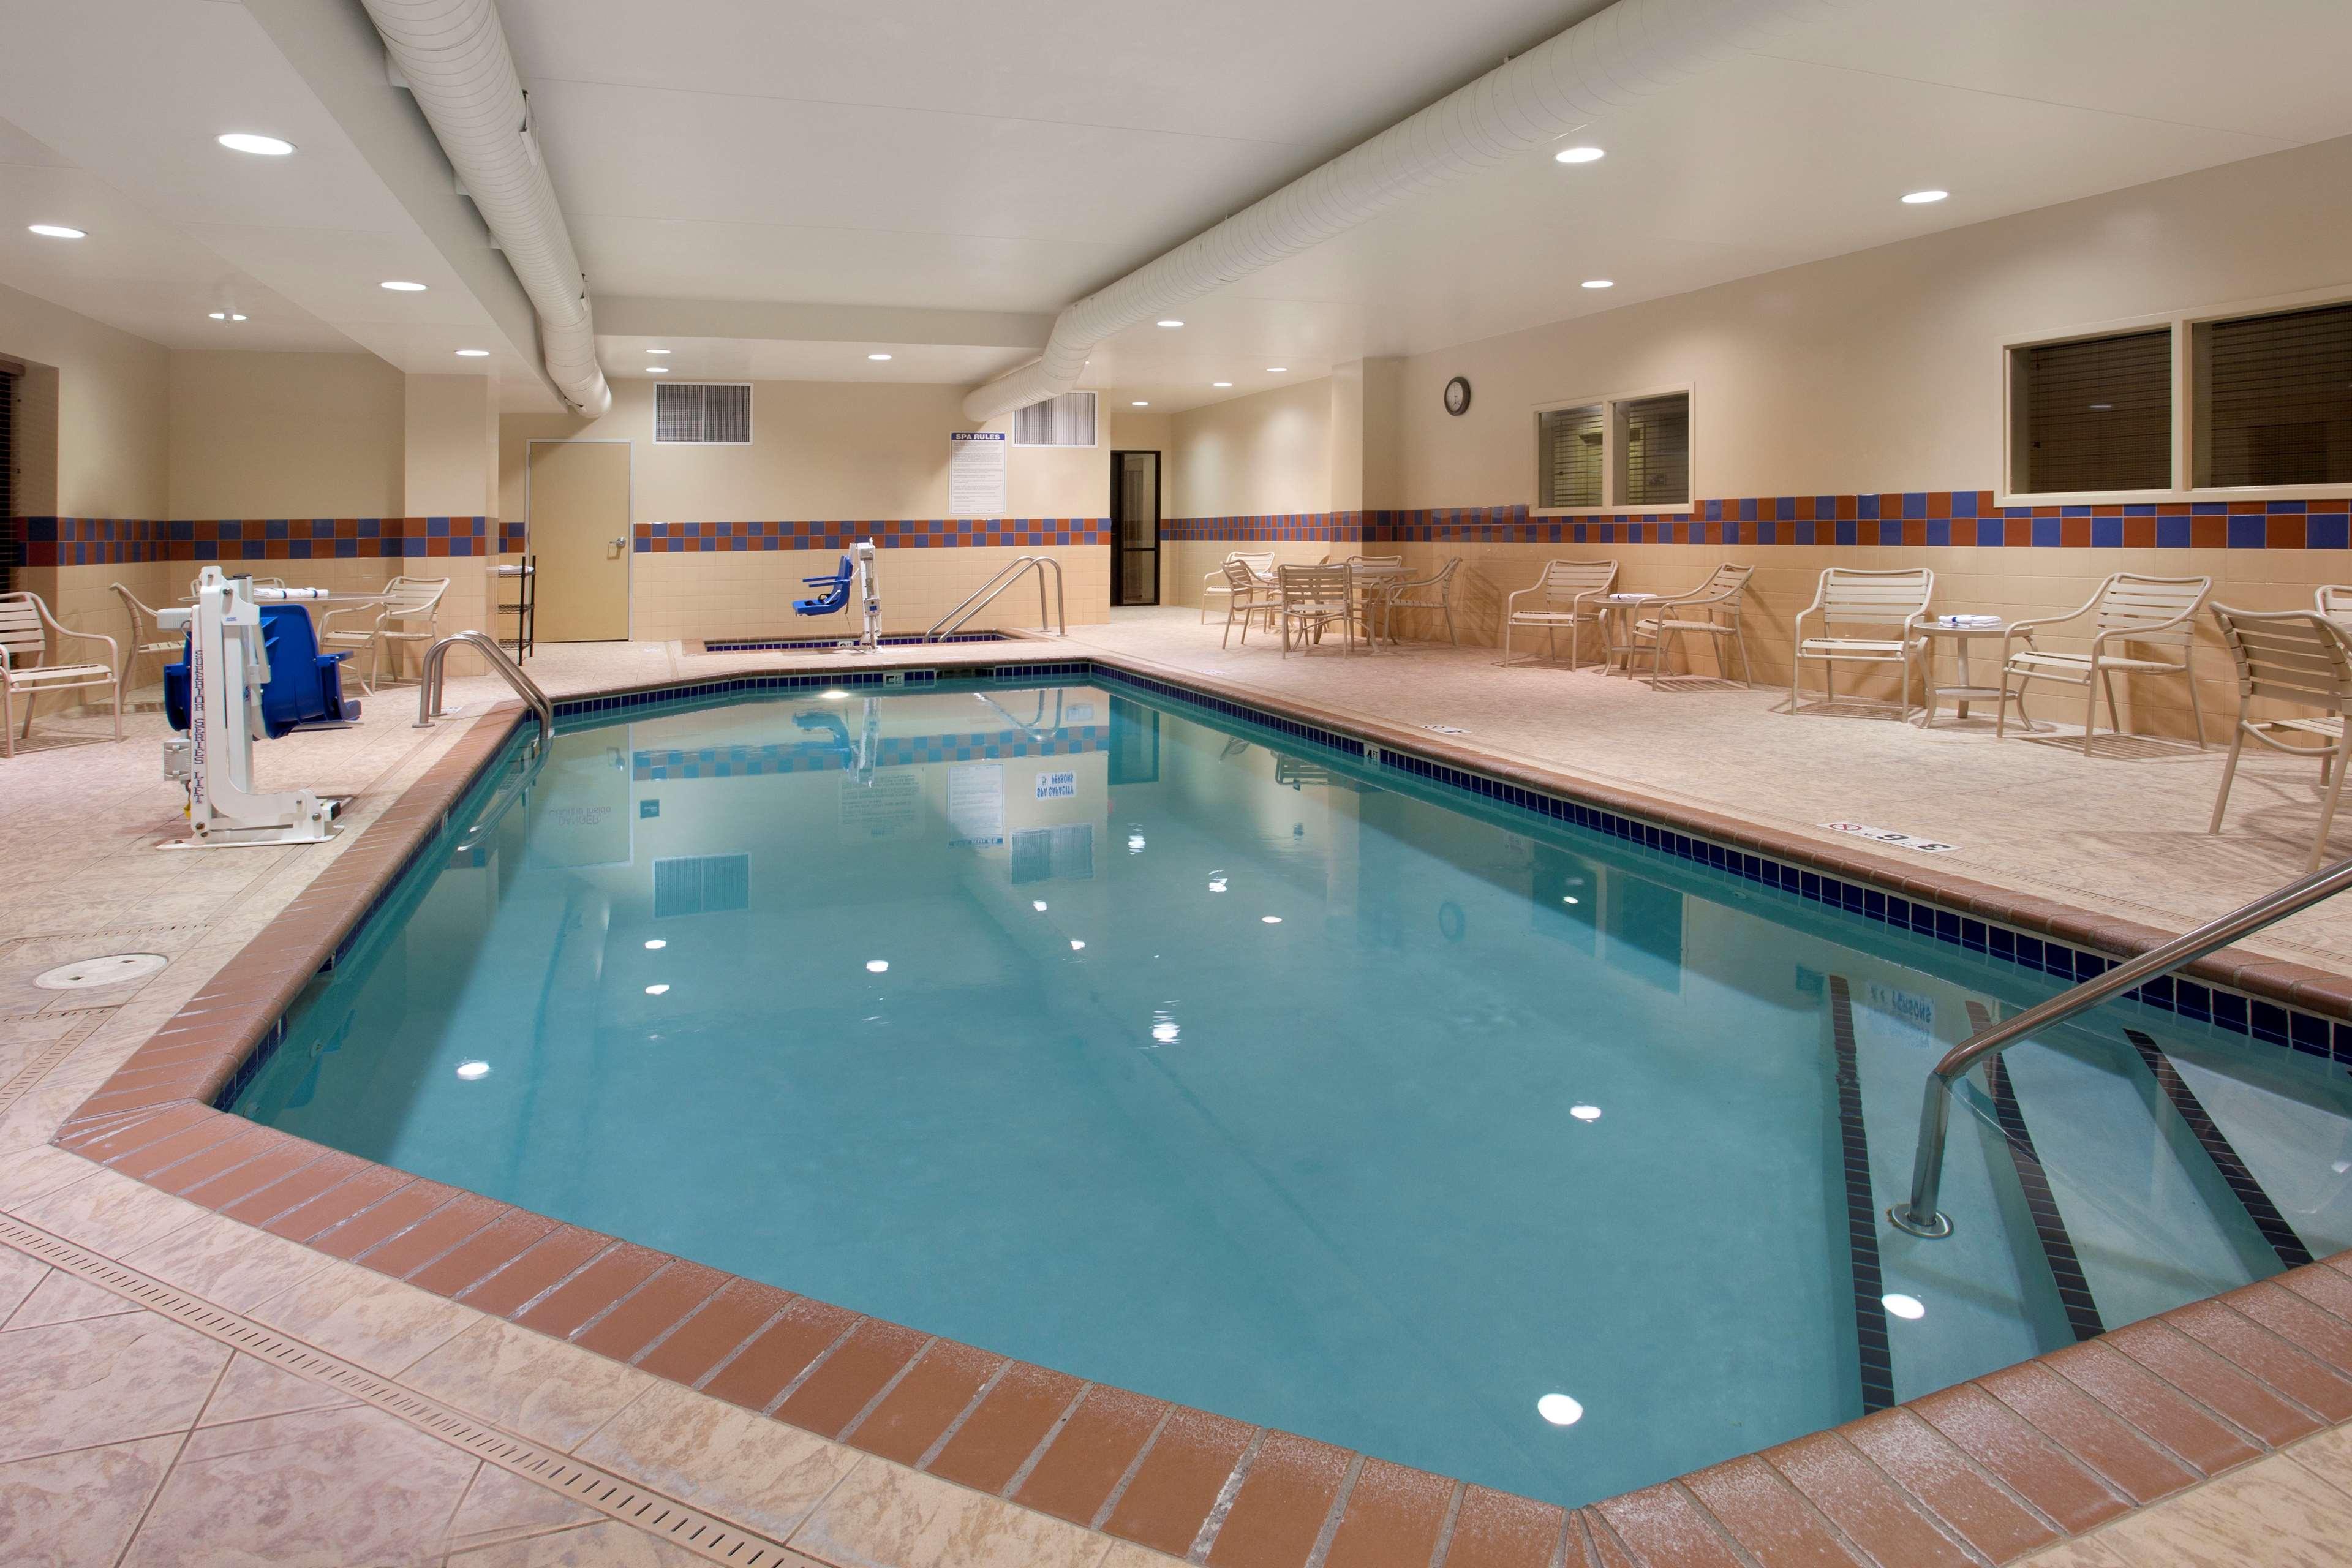 Hampton Inn Suites Minneapolis St Paul Arpt-Mall of America image 3